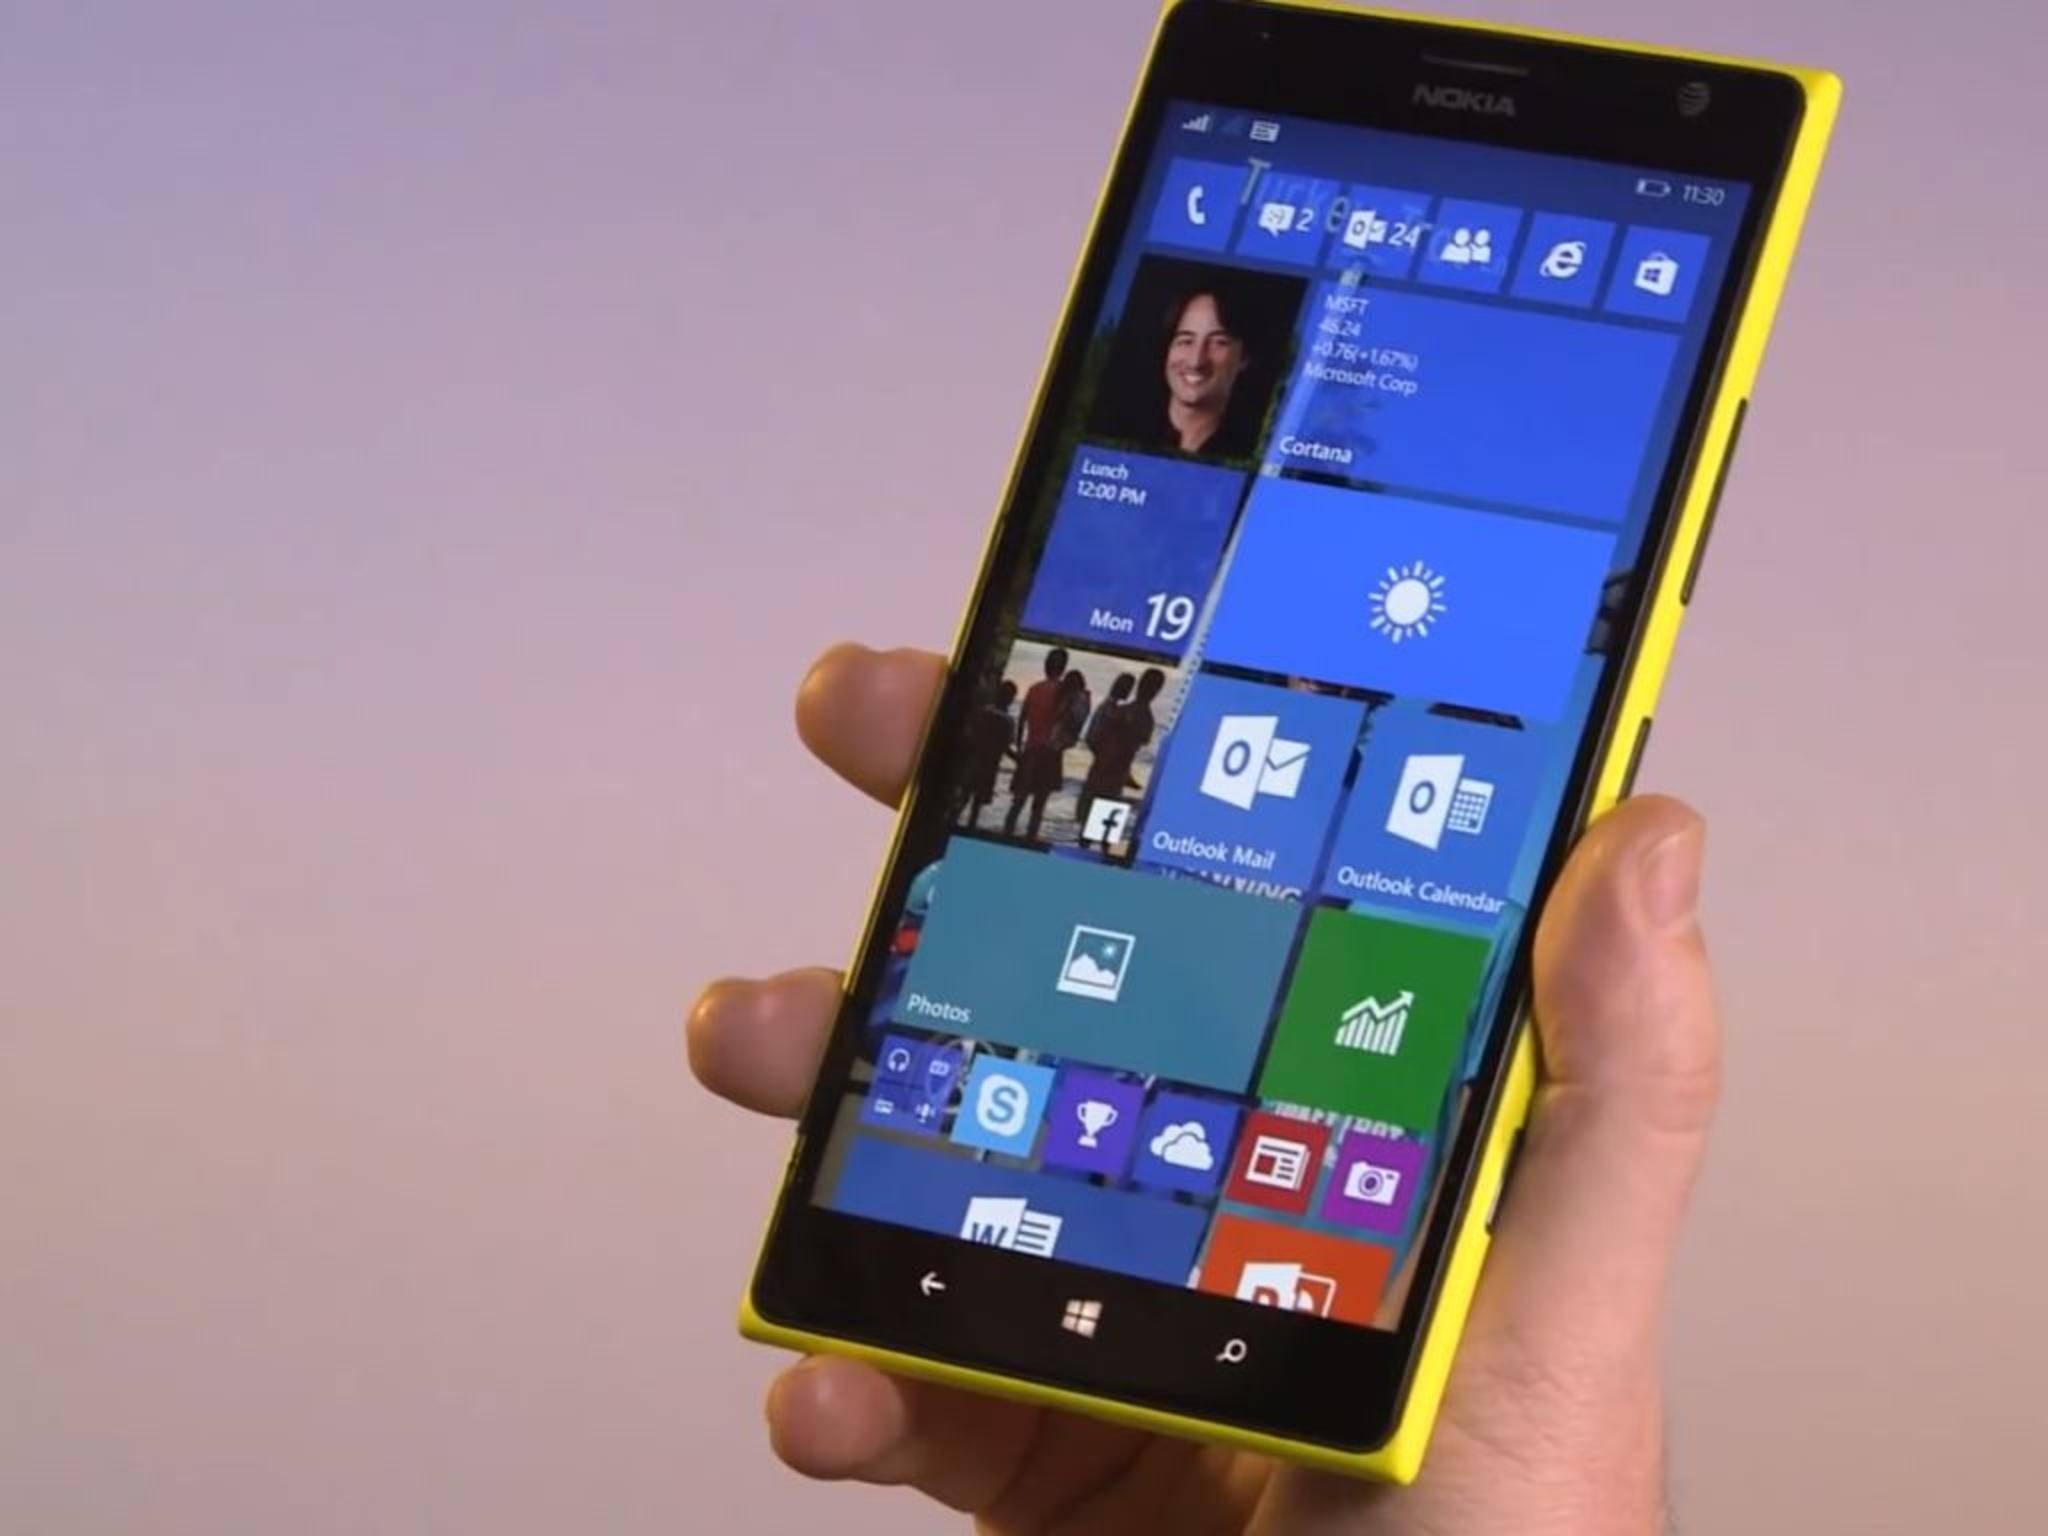 Die neue Build-Version von Windows 10 ist jetzt für viele Lumia-Smartphones verfügbar.